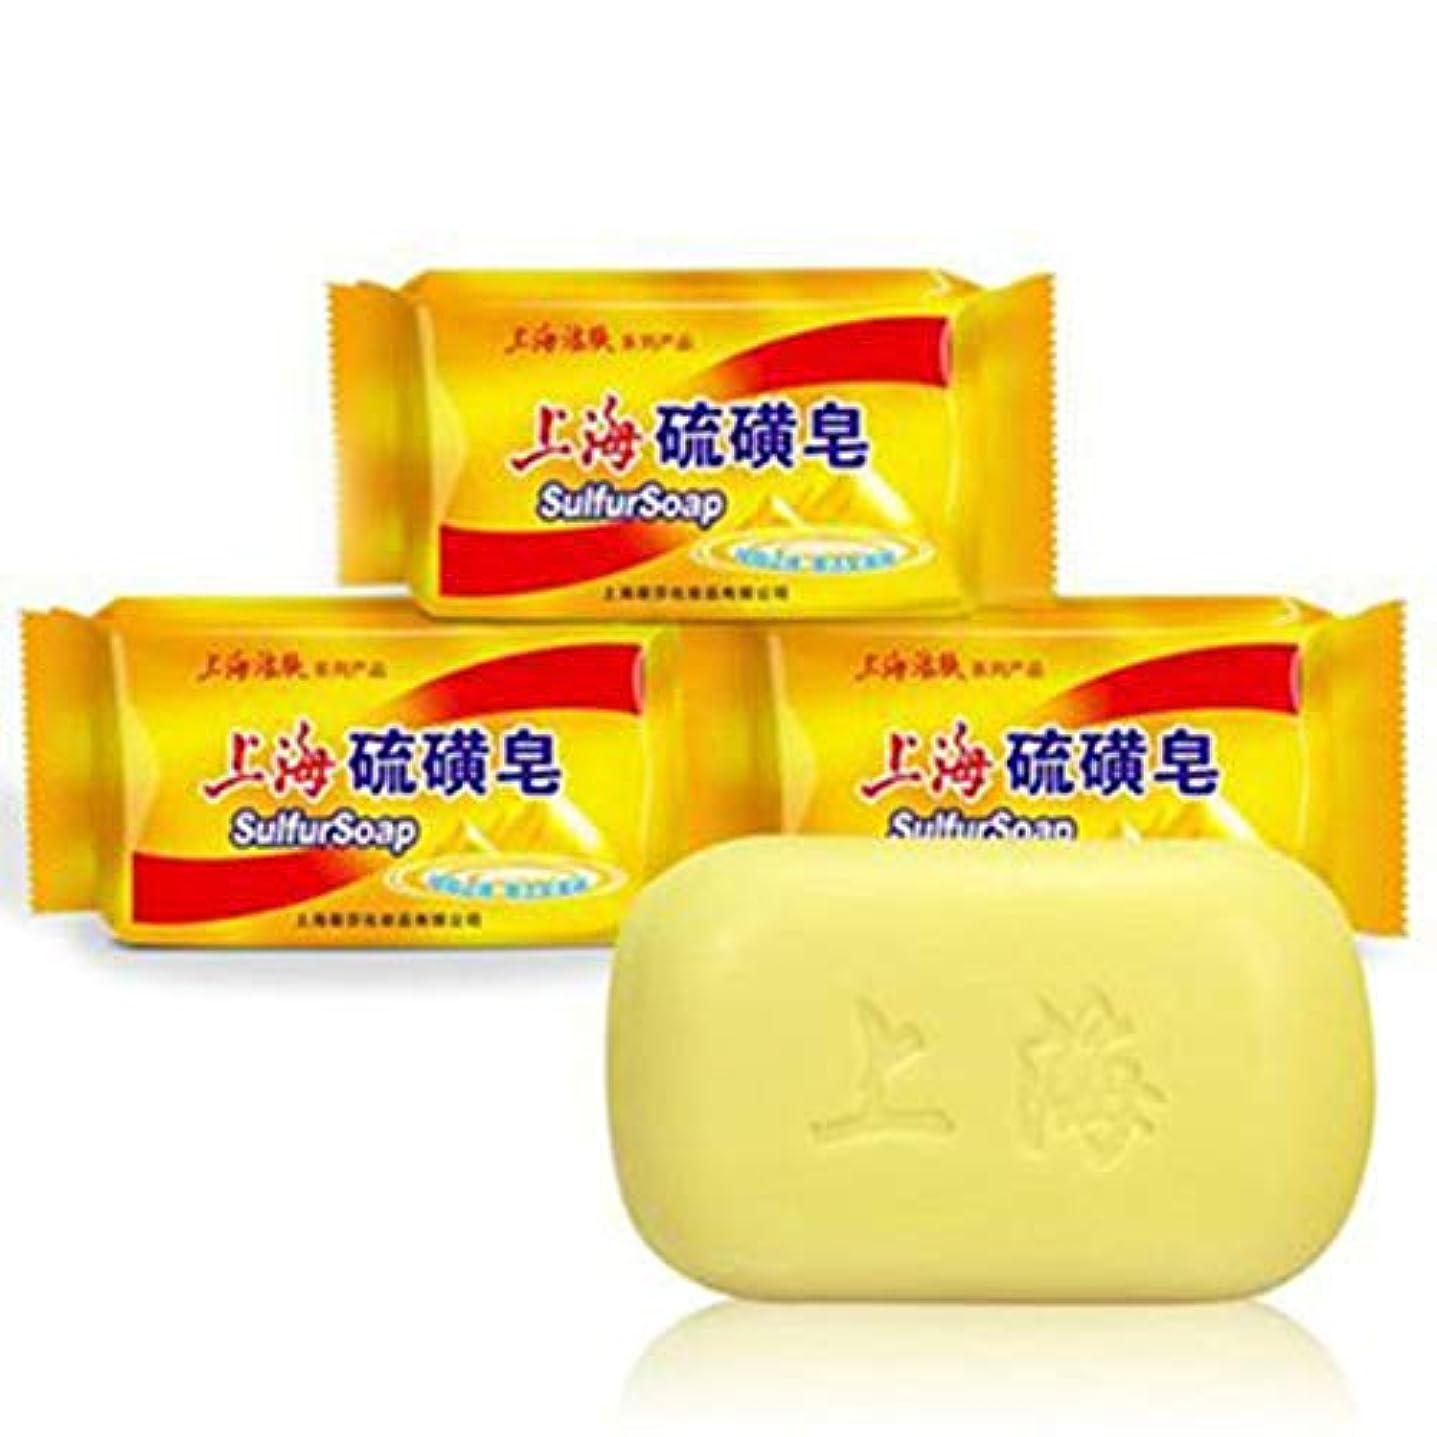 カセット排除分配します石鹸、ダニ石鹸入浴ユニセックス(3パック)に上海硫黄石鹸コントロールオイルフケ